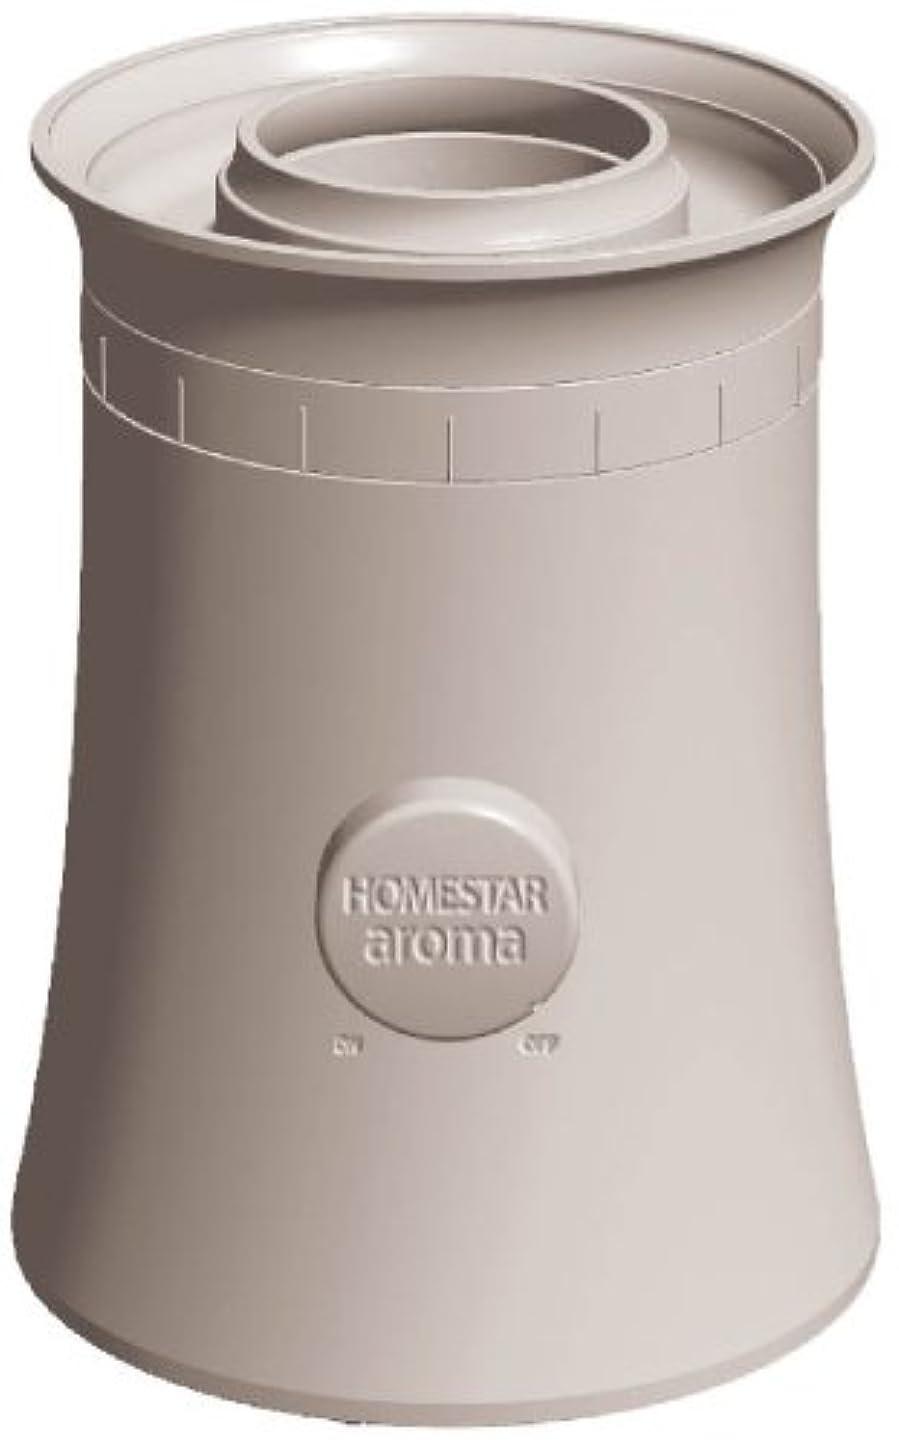 インカ帝国偏差イノセンスHOMESTAR aroma (ホームスターアロマ) ホワイト